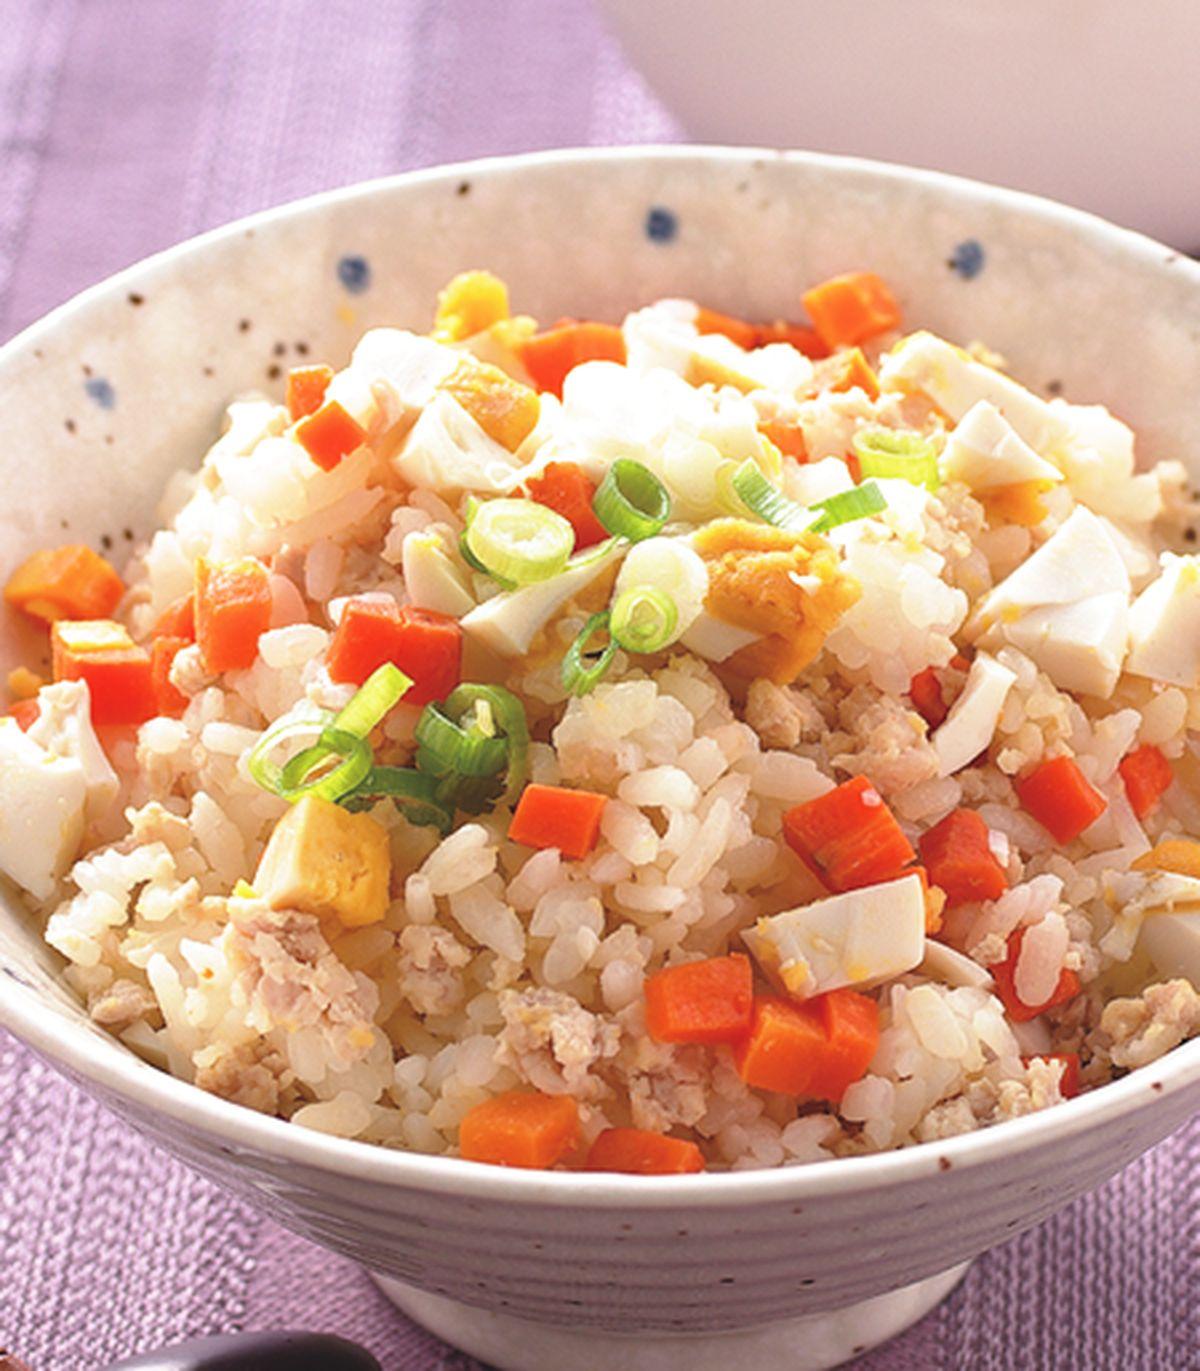 食譜:鹹蛋肉末飯